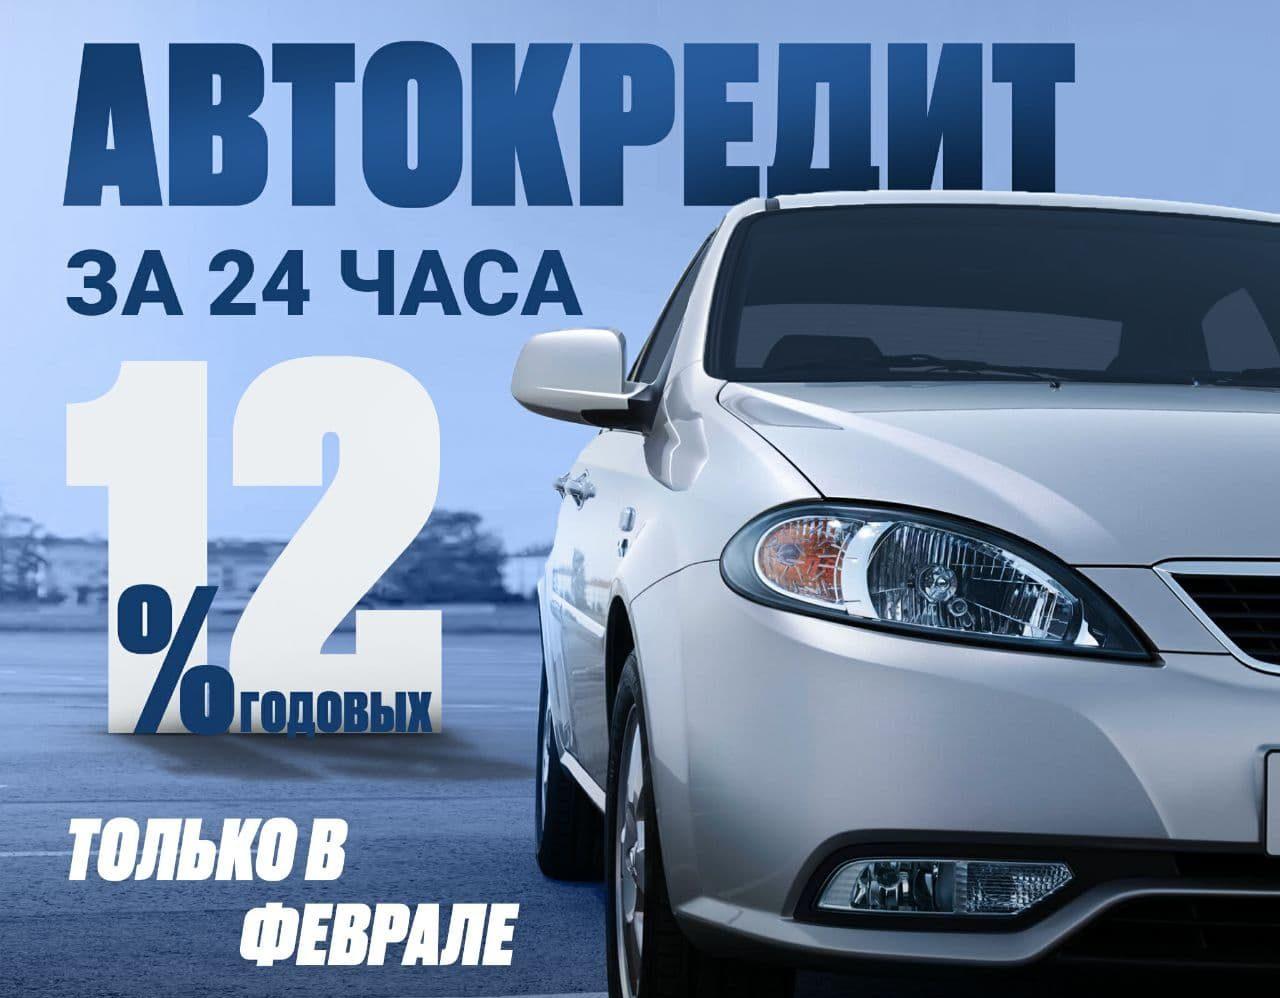 Автокредит в автосалоне ASACAR AUTOCENTER от Asia Auto Credit. ВНИМАНИЕ! 12% - это переплата от общей стоимости машины. Реальная процентная ставка - 23% годовых, смотрите расчеты в статье